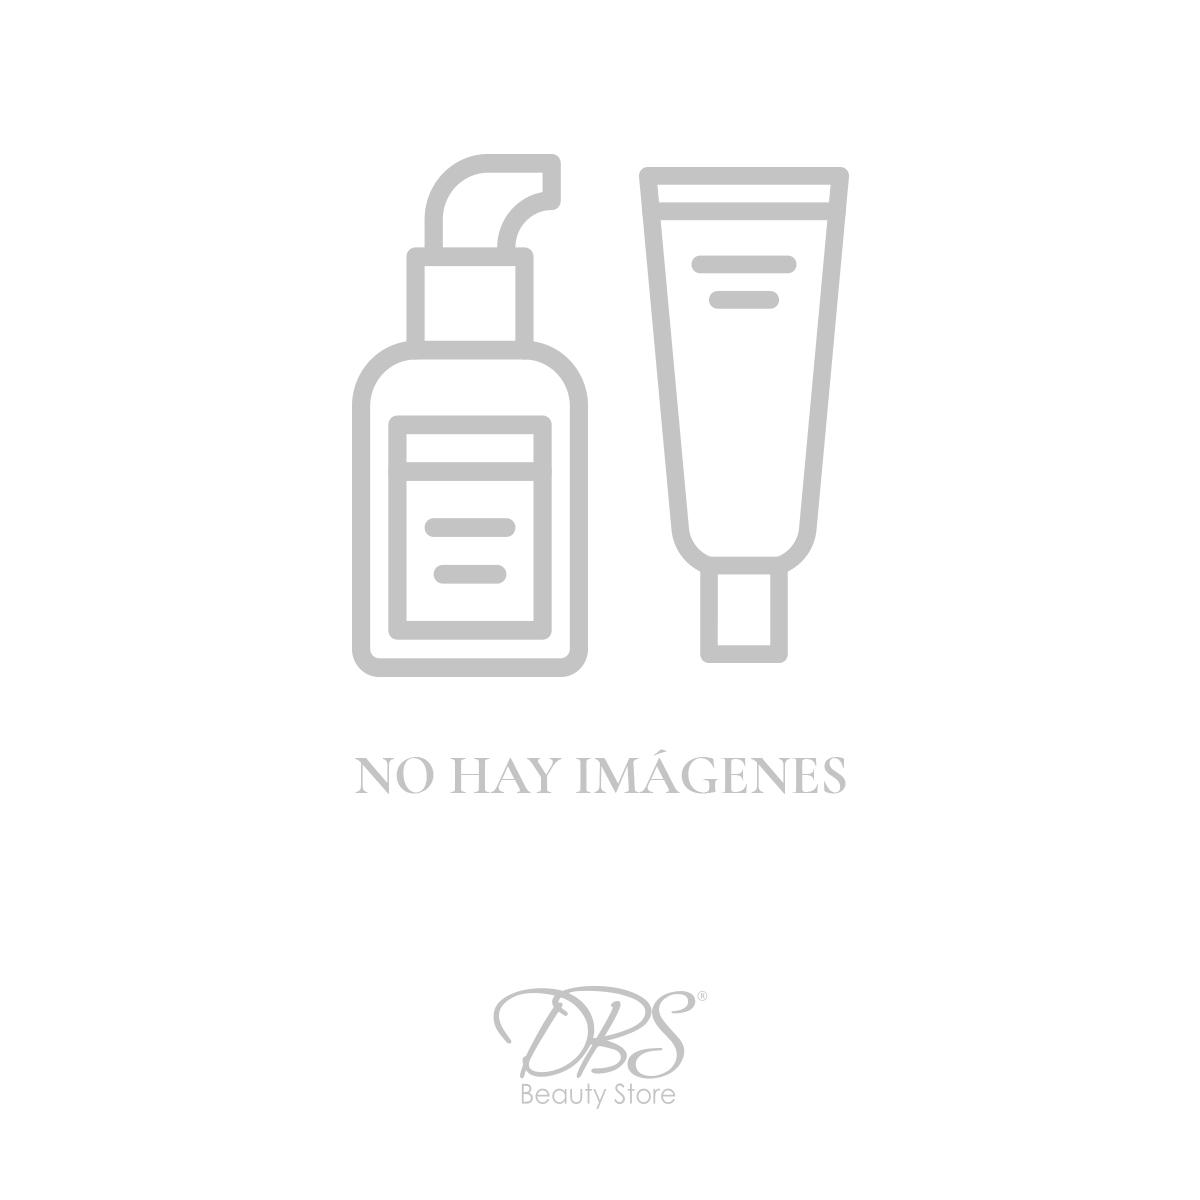 bath-and-body-works-BW-53205.jpg